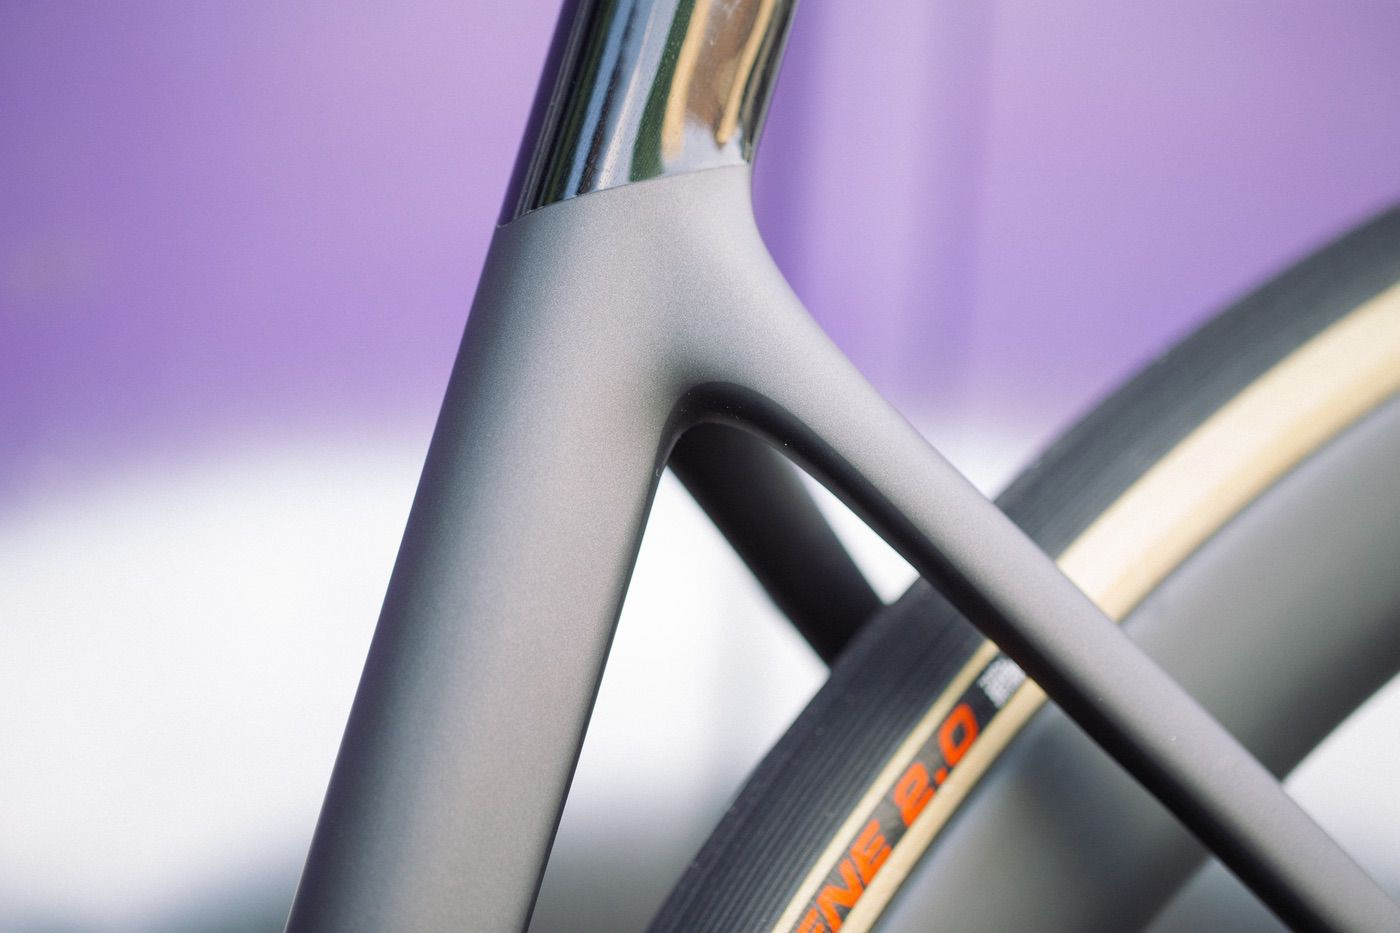 Detalle del triángulo trasero de la Cannondale SuperSix Evo 2020